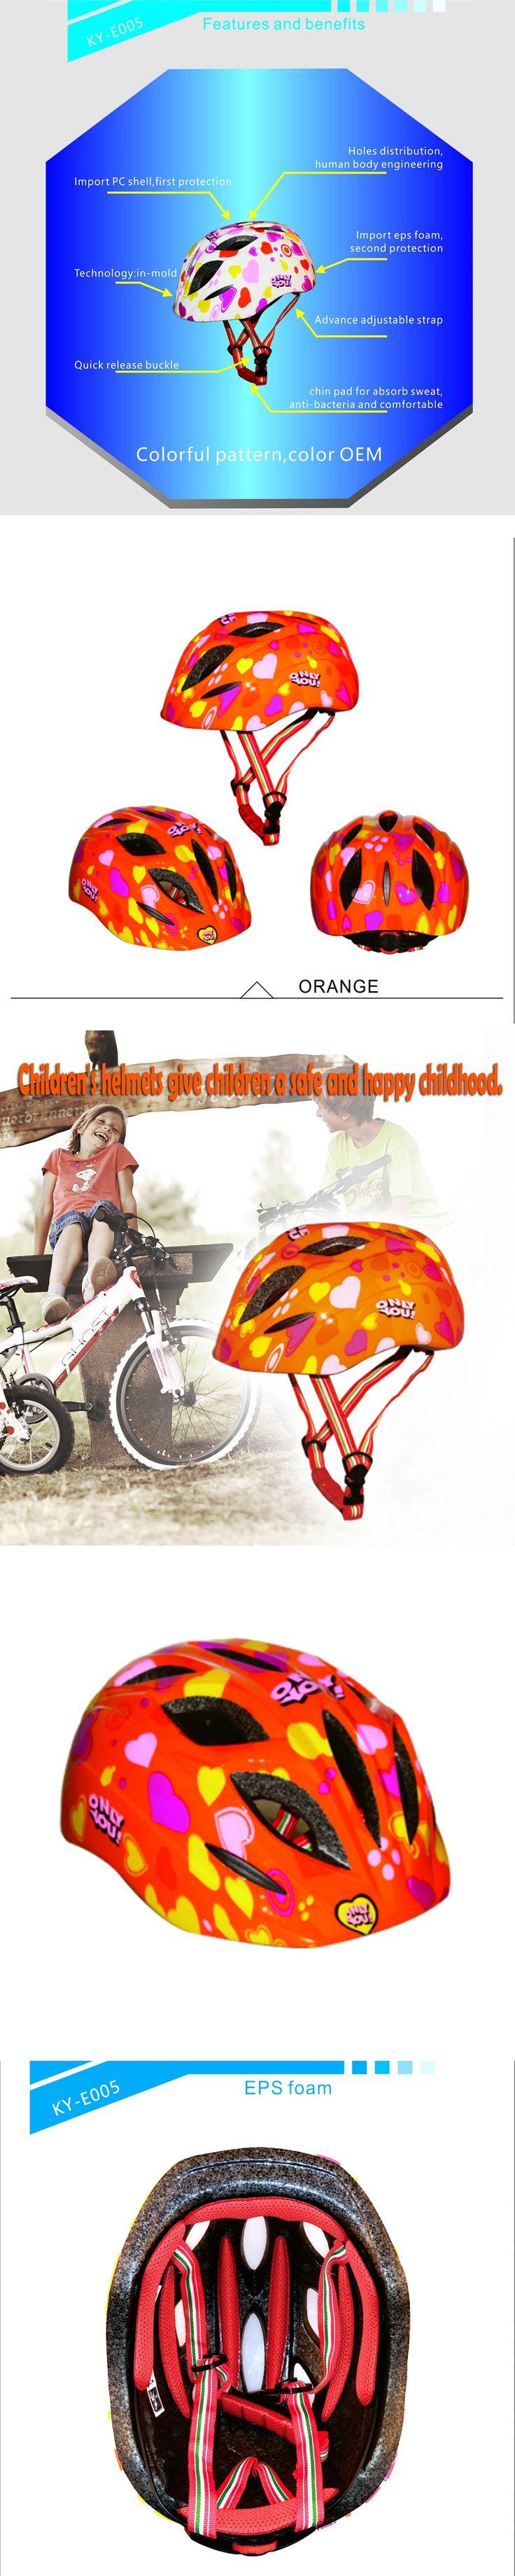 Helmet For Bike Riding Skateboard Roller Skating ice Sports Shock Absorber Ultra-light Boy Girl Children Cycling Equipment M20